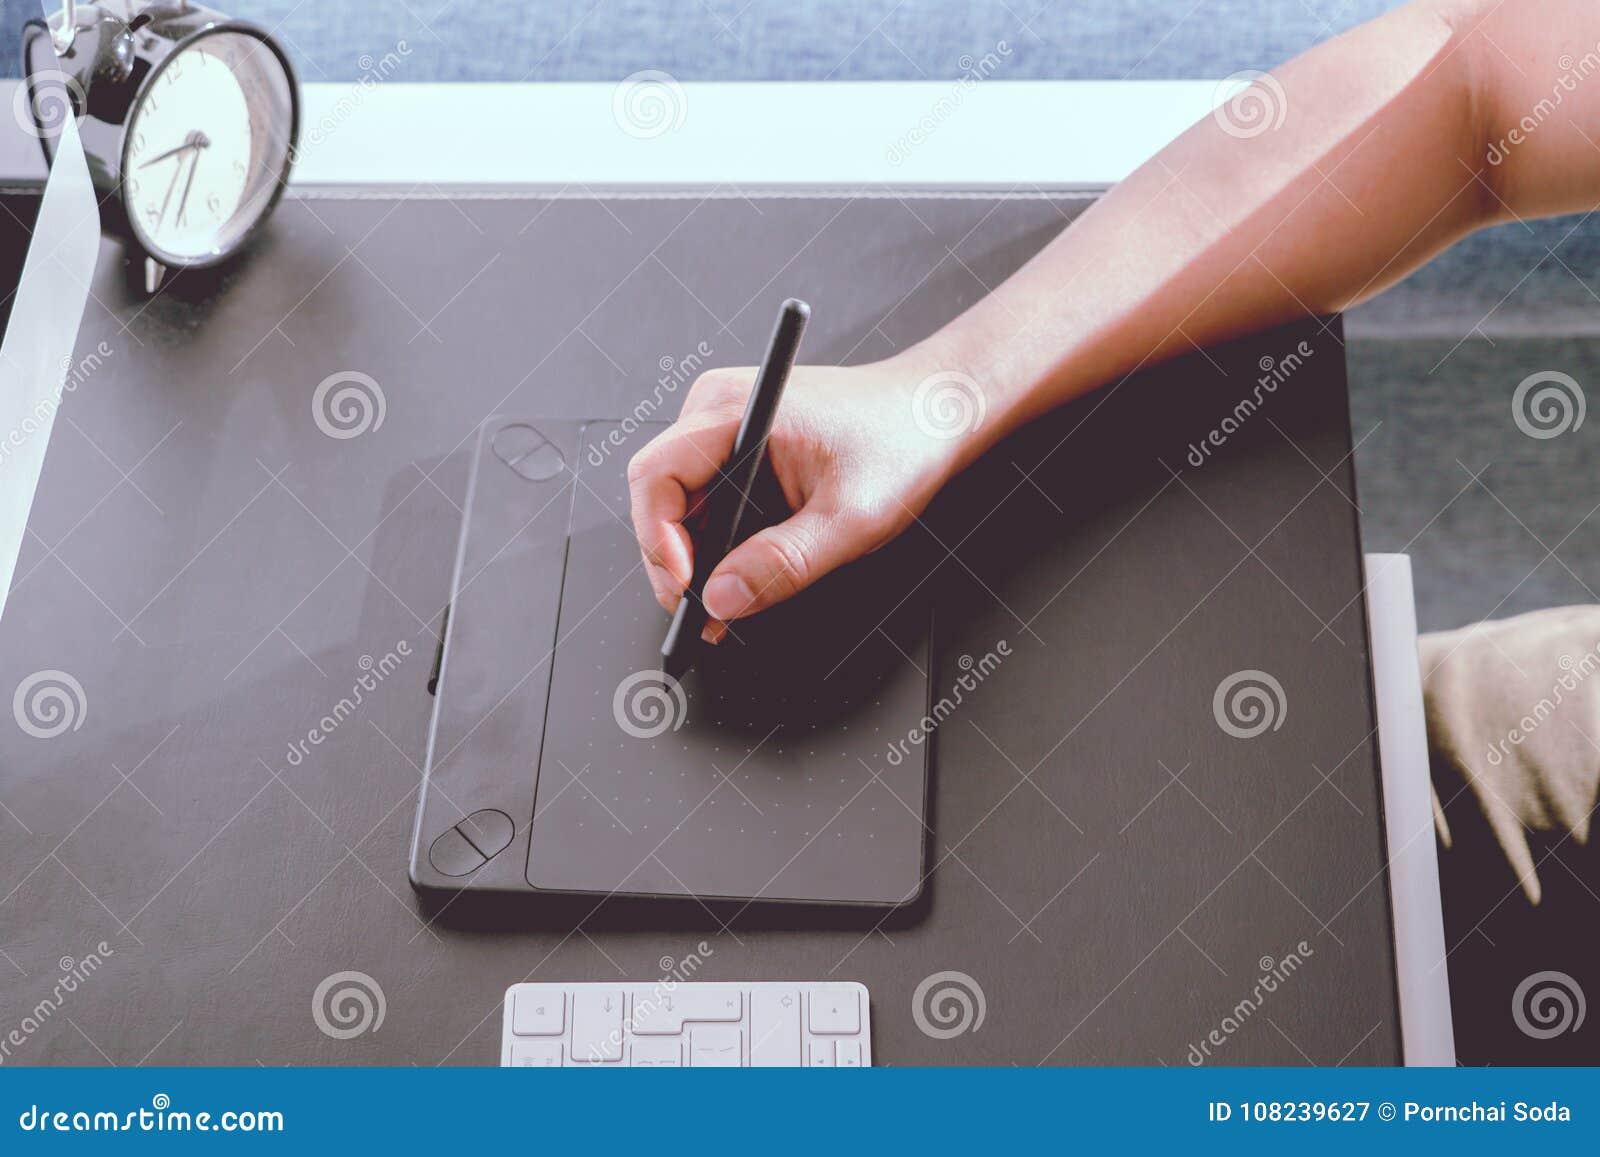 集中于研究计算机的繁忙的图表设计师在数字式笔老鼠,噪声滤波器旁边申请